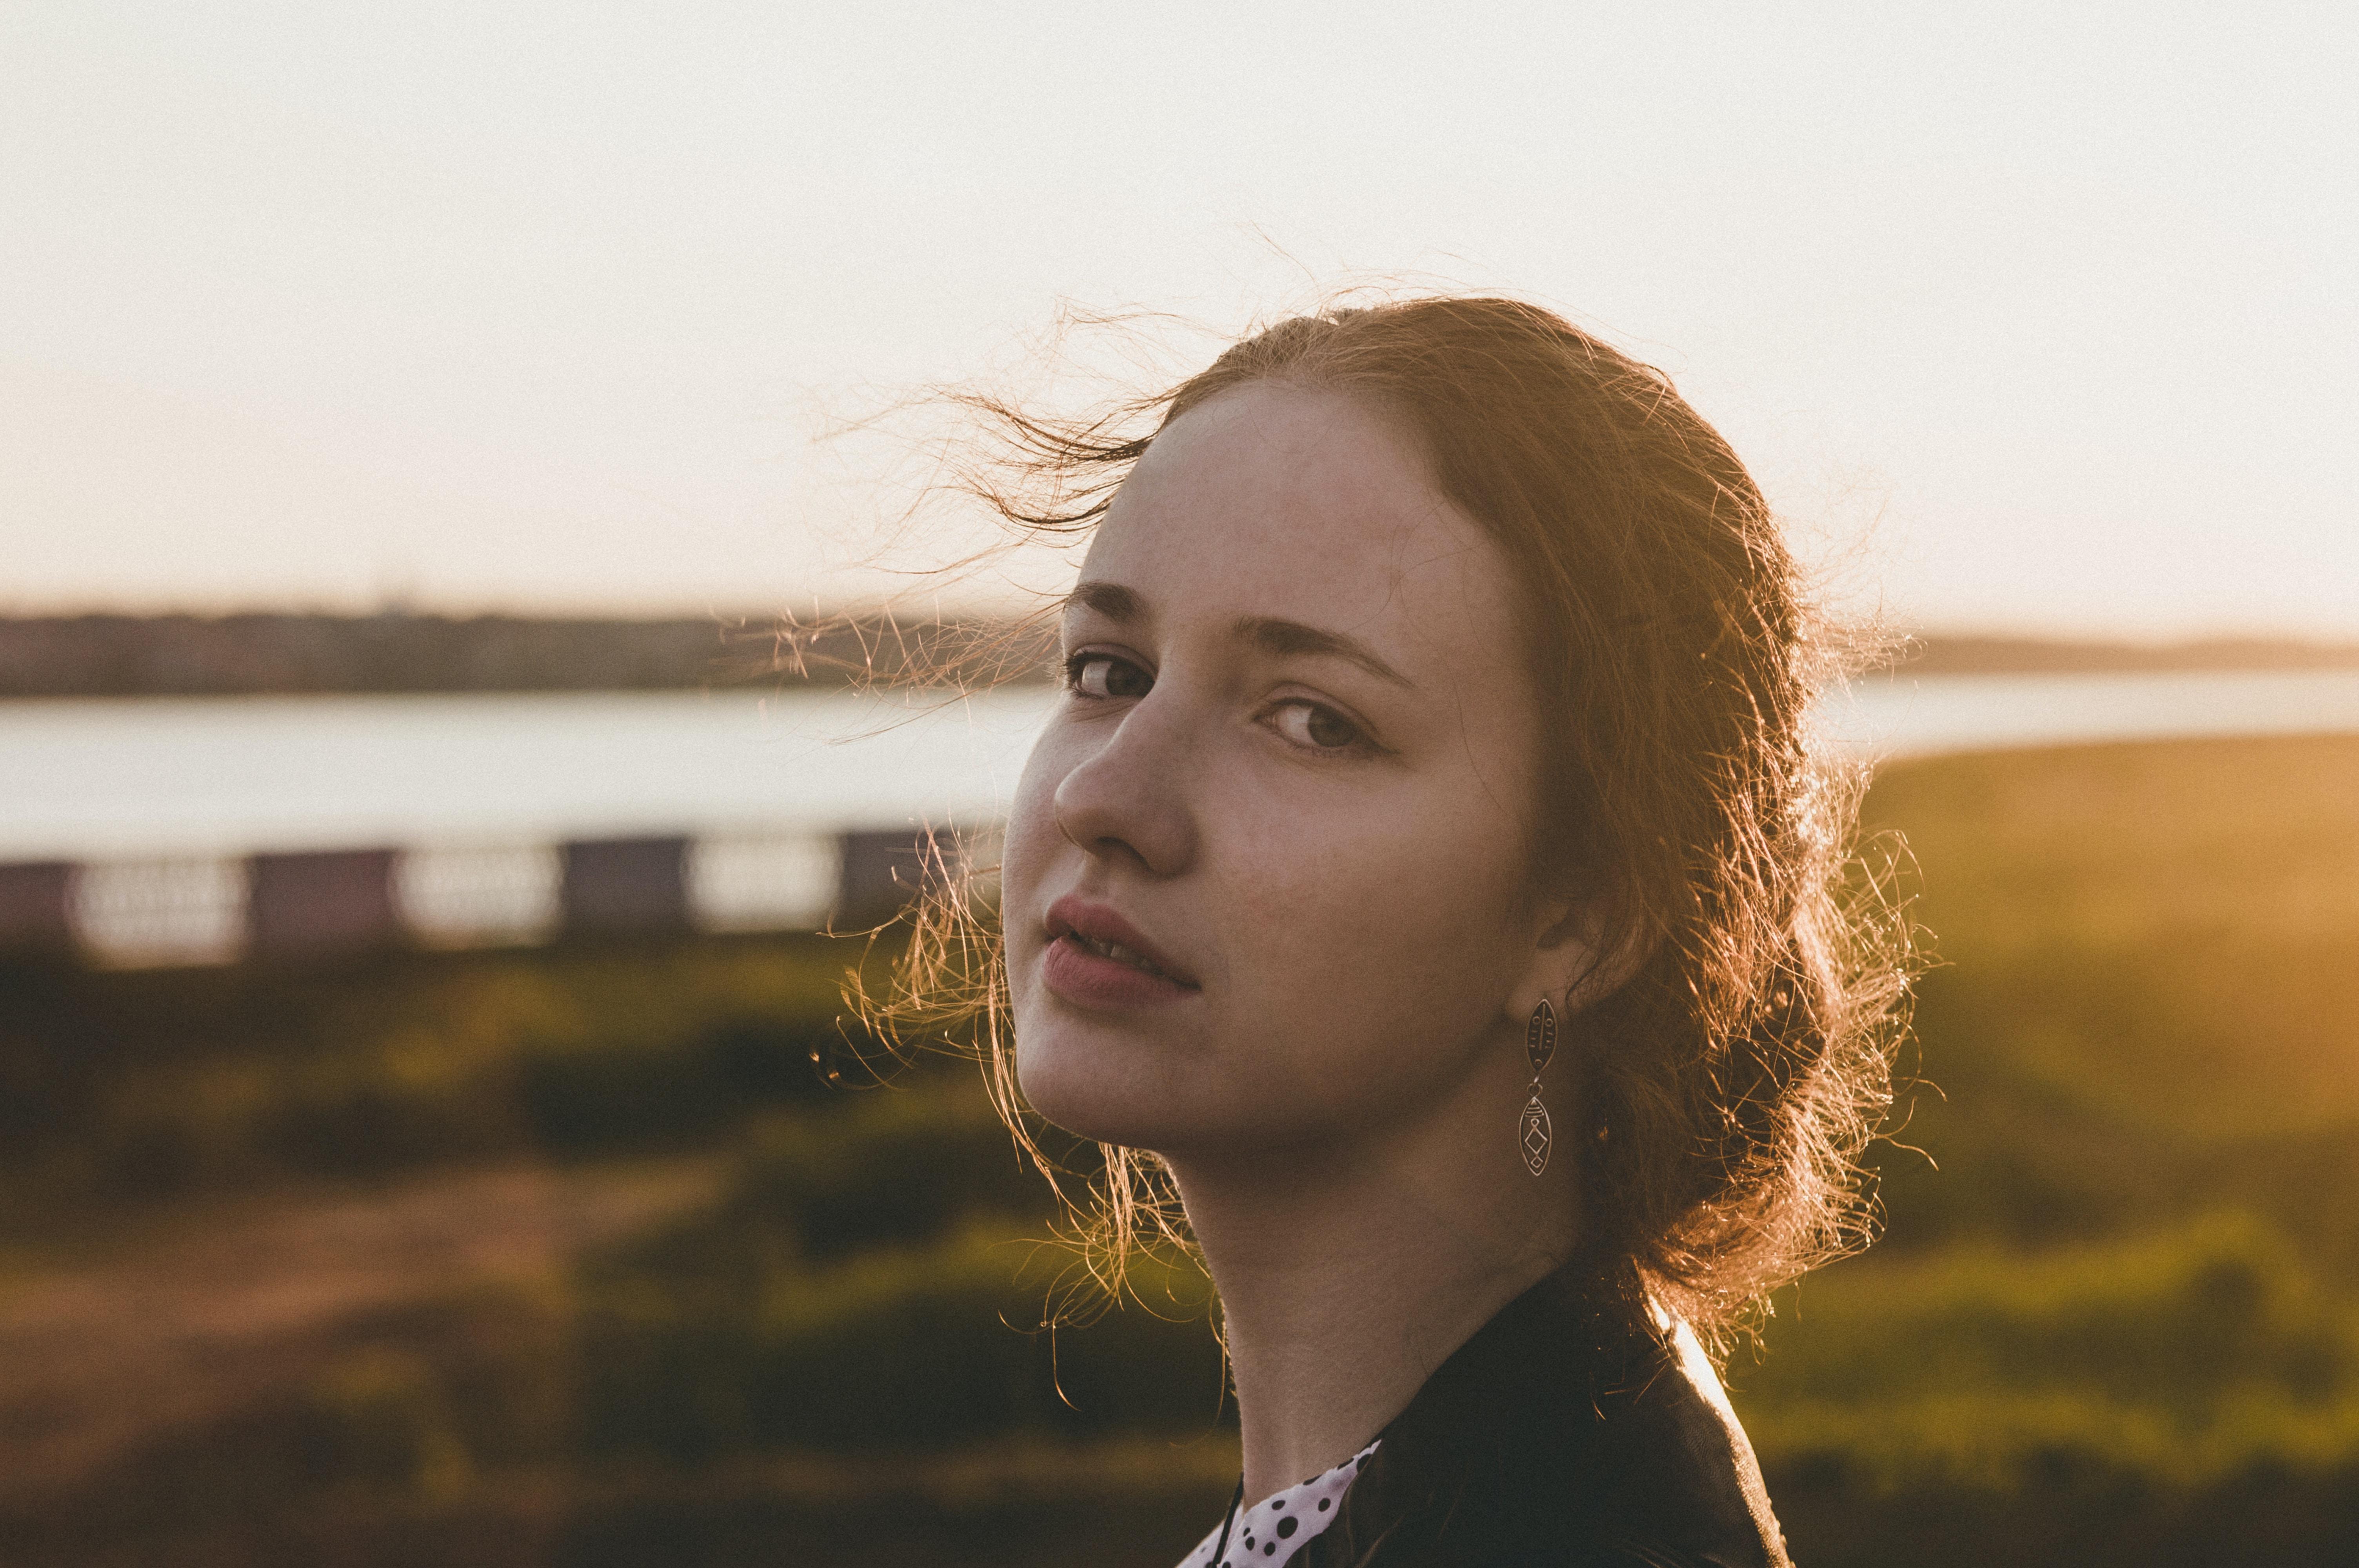 tilt-shift lens portrait photography of woman